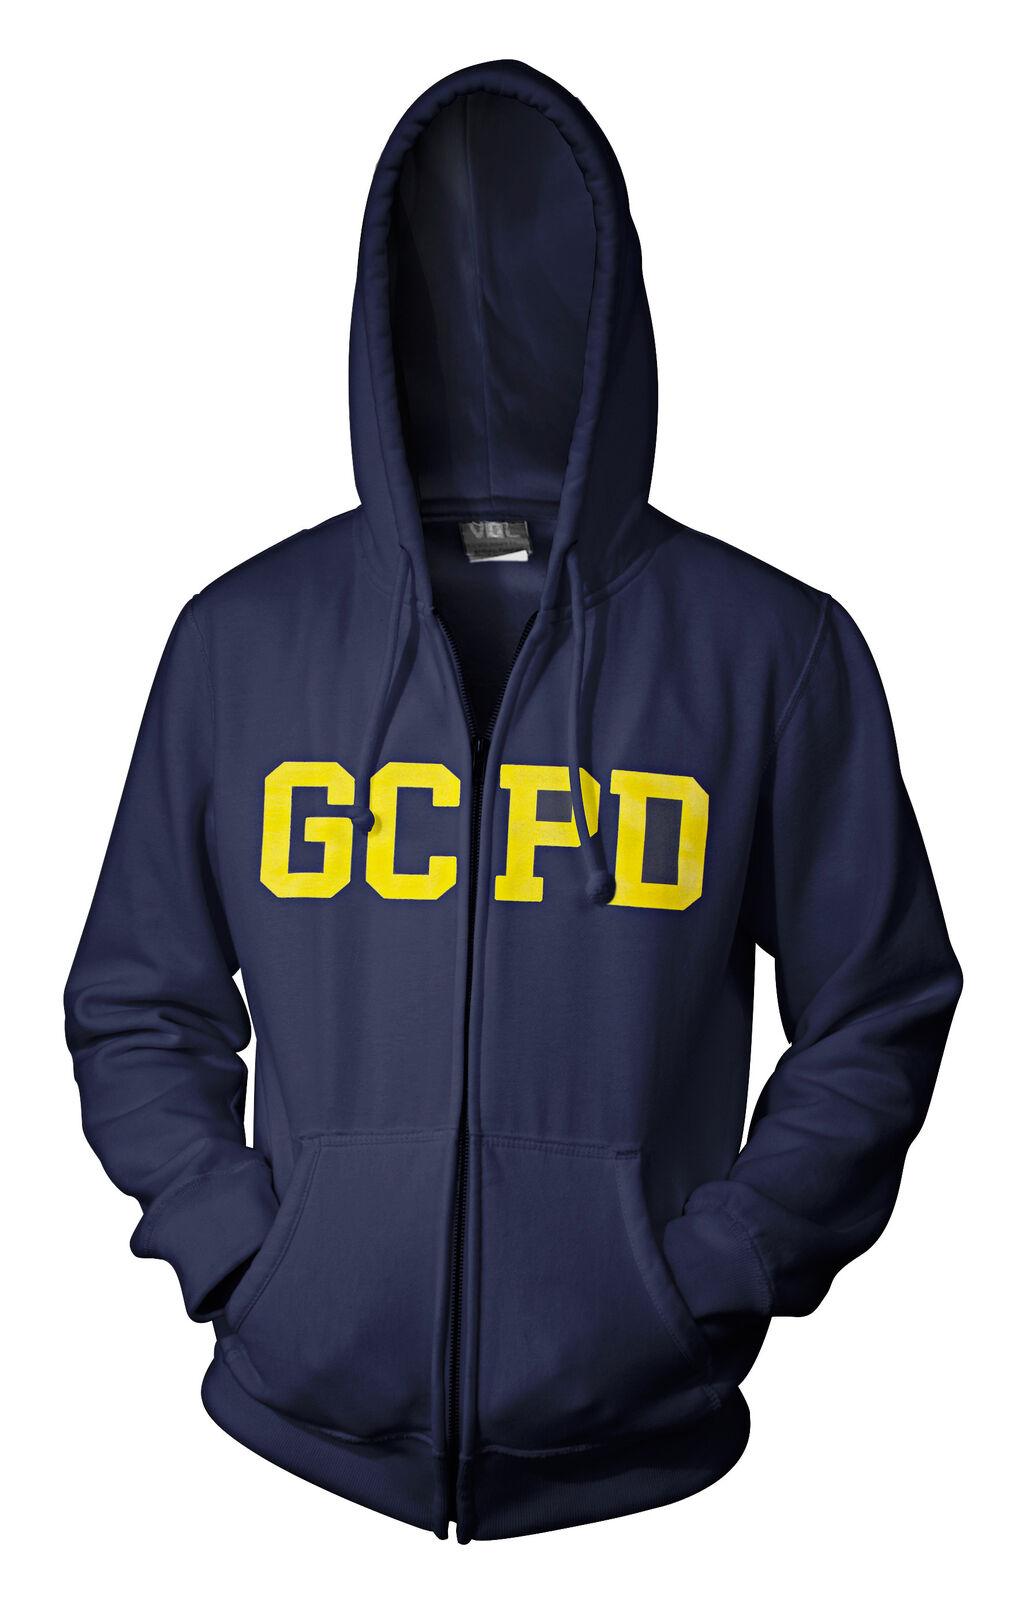 DC Gotham City Police Department Cadet Zip-Up Hoodie Sweatshirt